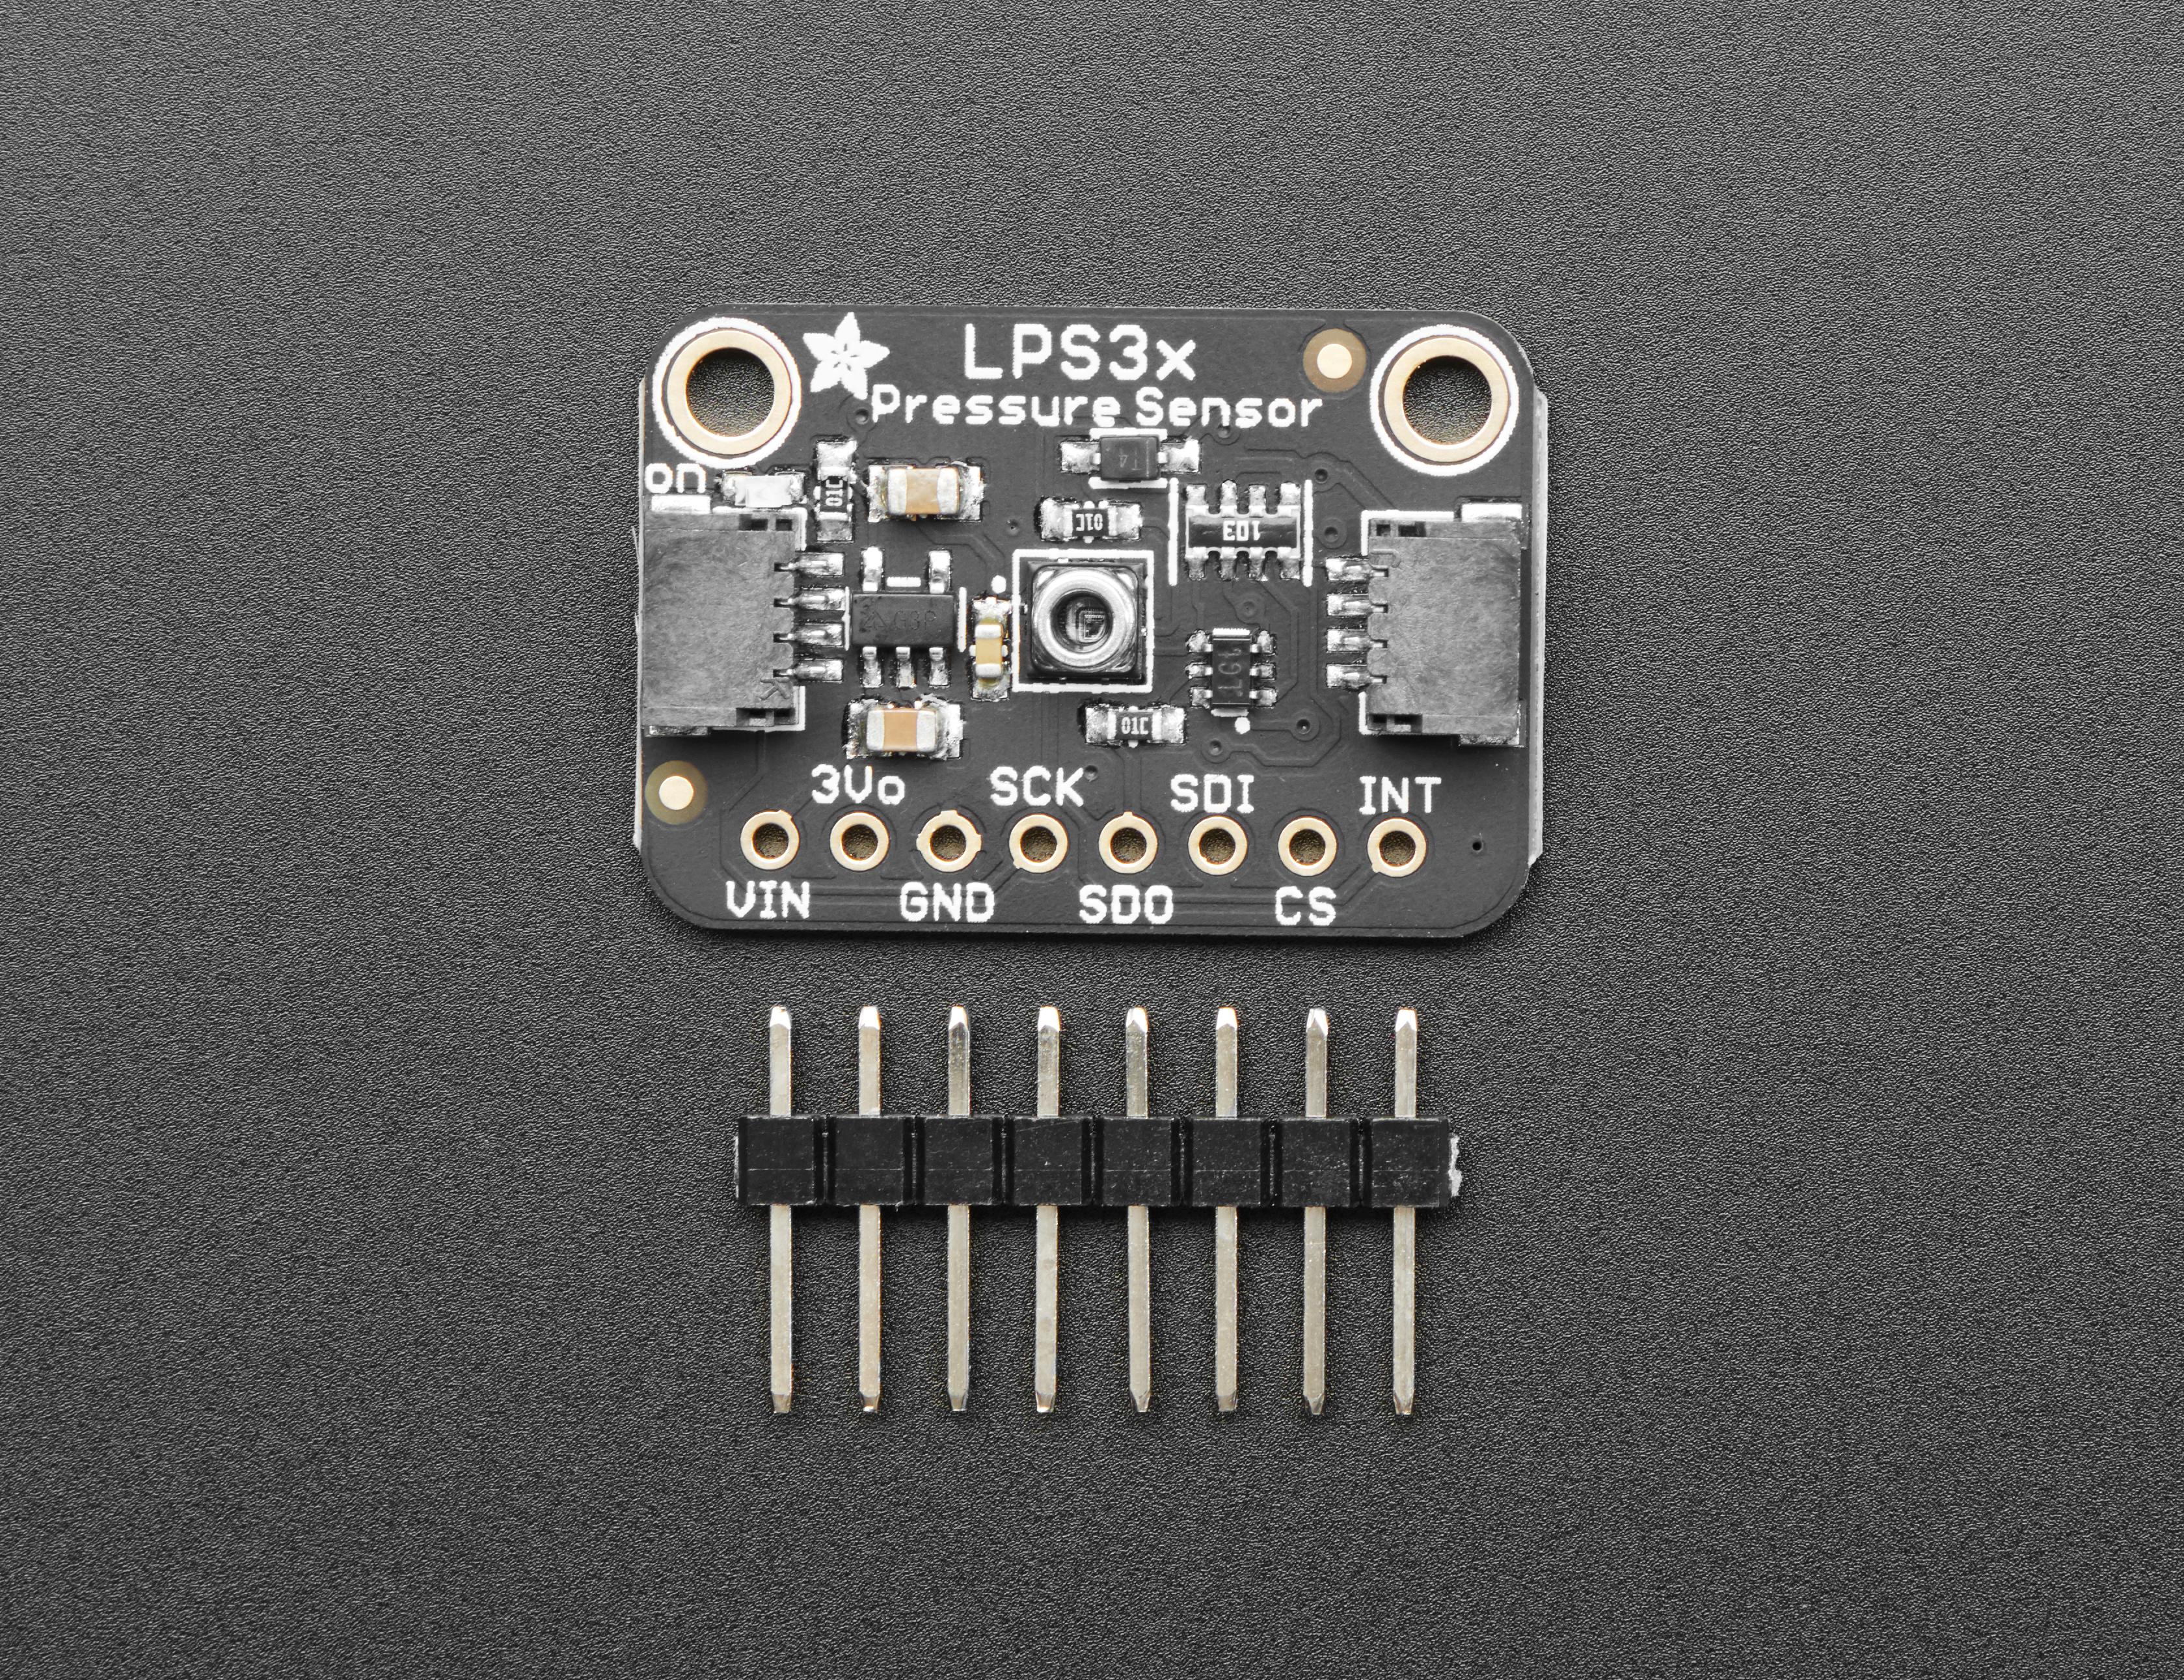 sensors_4414_kit_ORIG_2019_11.jpg